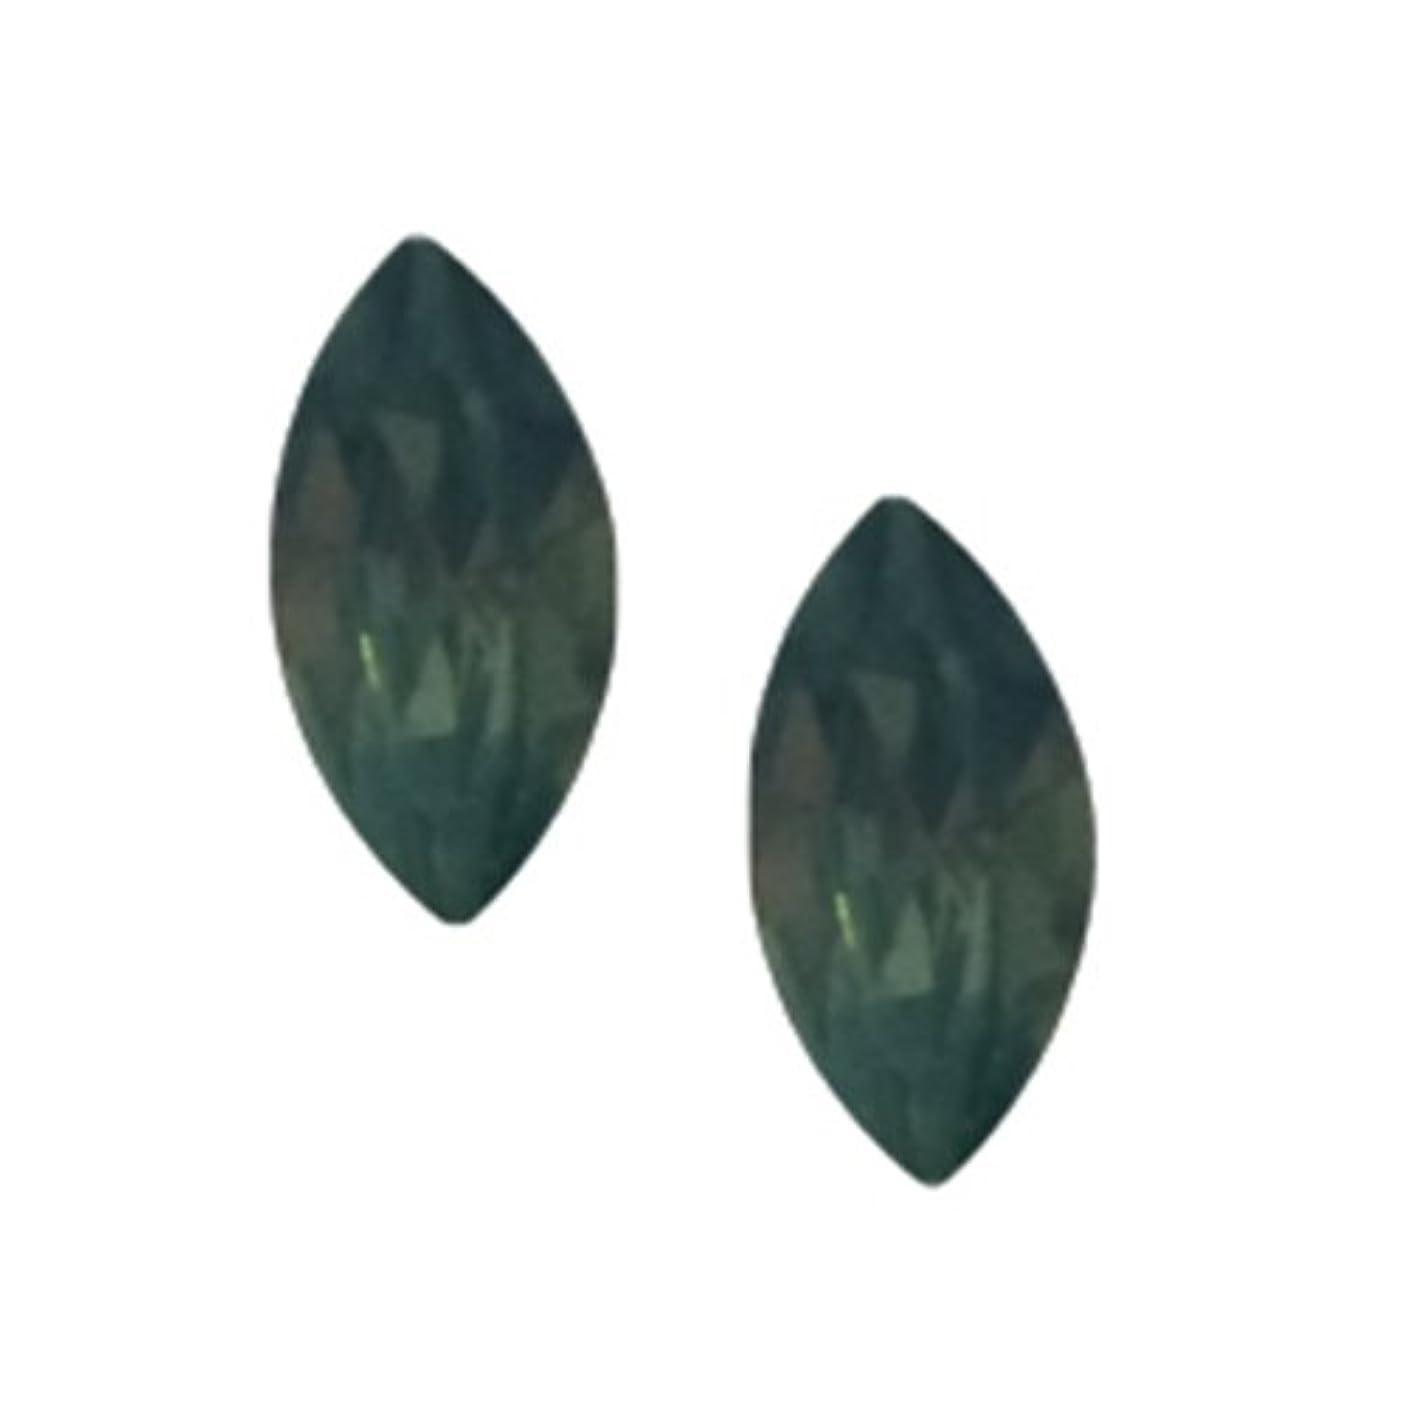 ヘビー連隊かき混ぜるPOSH ART ネイルパーツ馬眼型 3*6mm 10P グリーンオパール